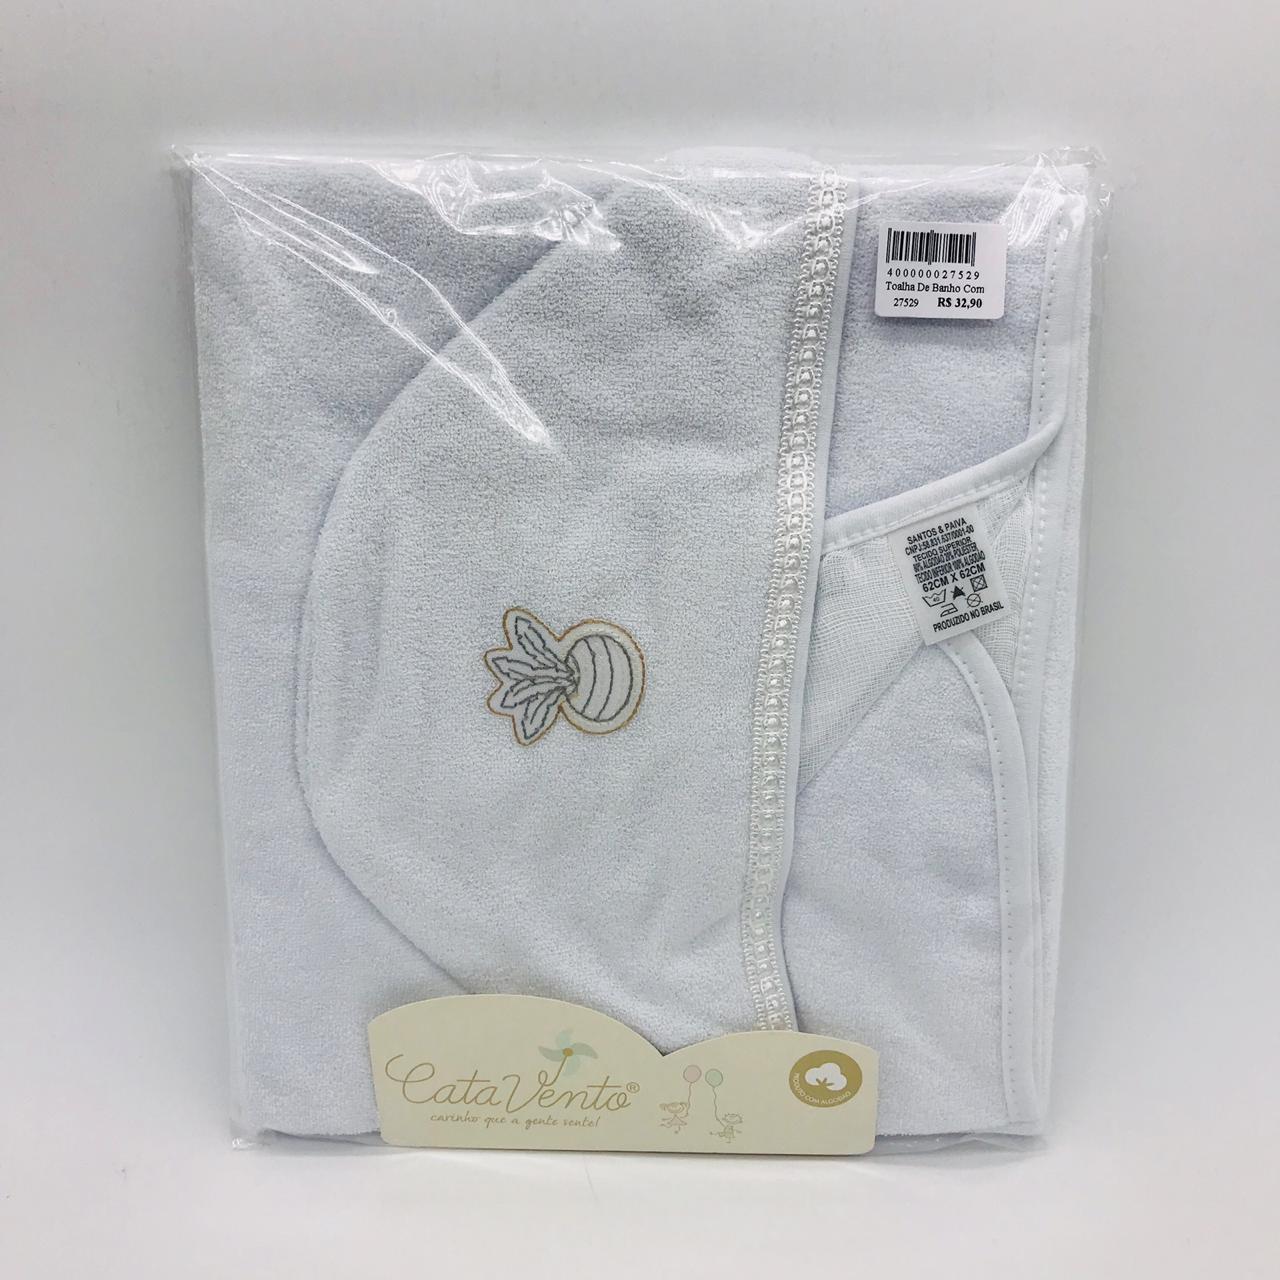 Toalha de Banho Com Fralda Branco Peteca - Catavento Ref 120